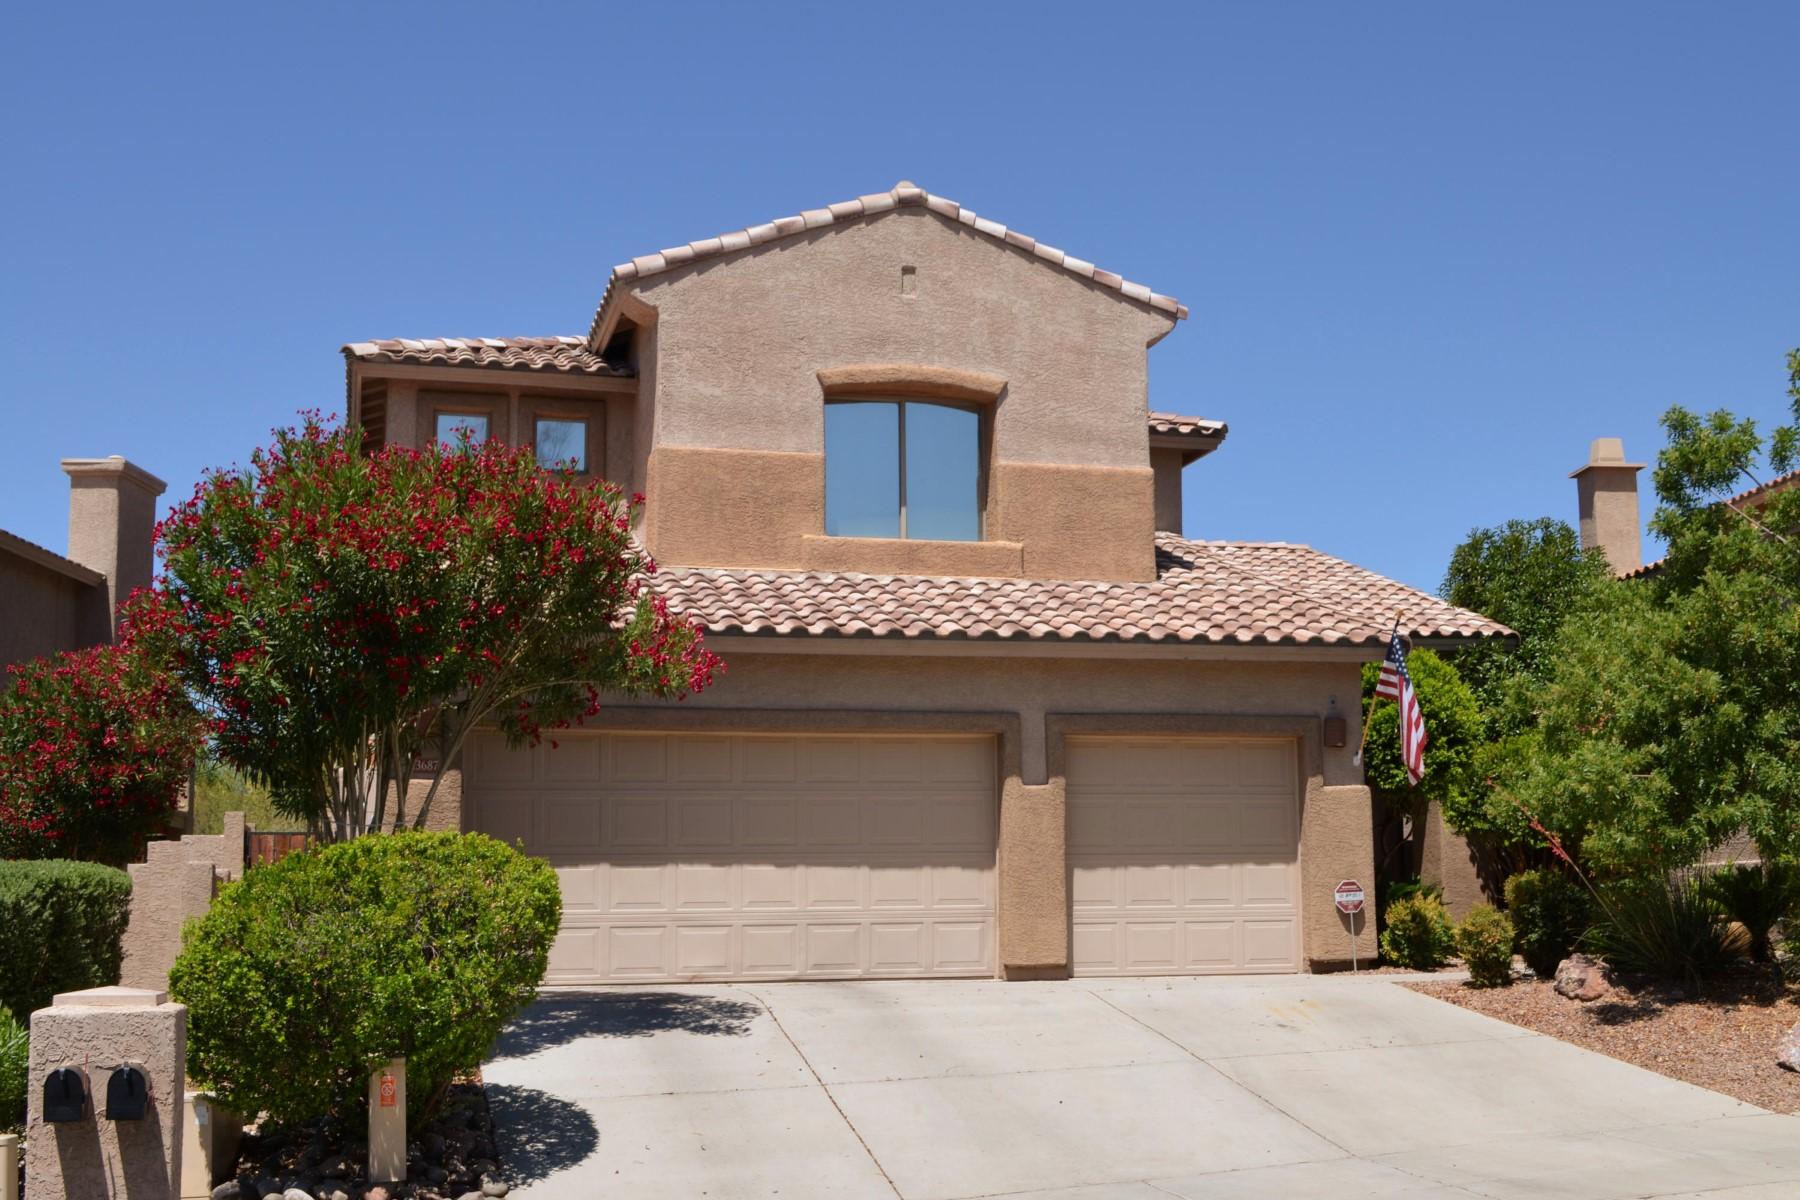 Частный односемейный дом для того Продажа на Beautifully appointed four Bedroom/ three Bath home. 13687 N Bushwacker Place Oro Valley, Аризона 85755 Соединенные Штаты